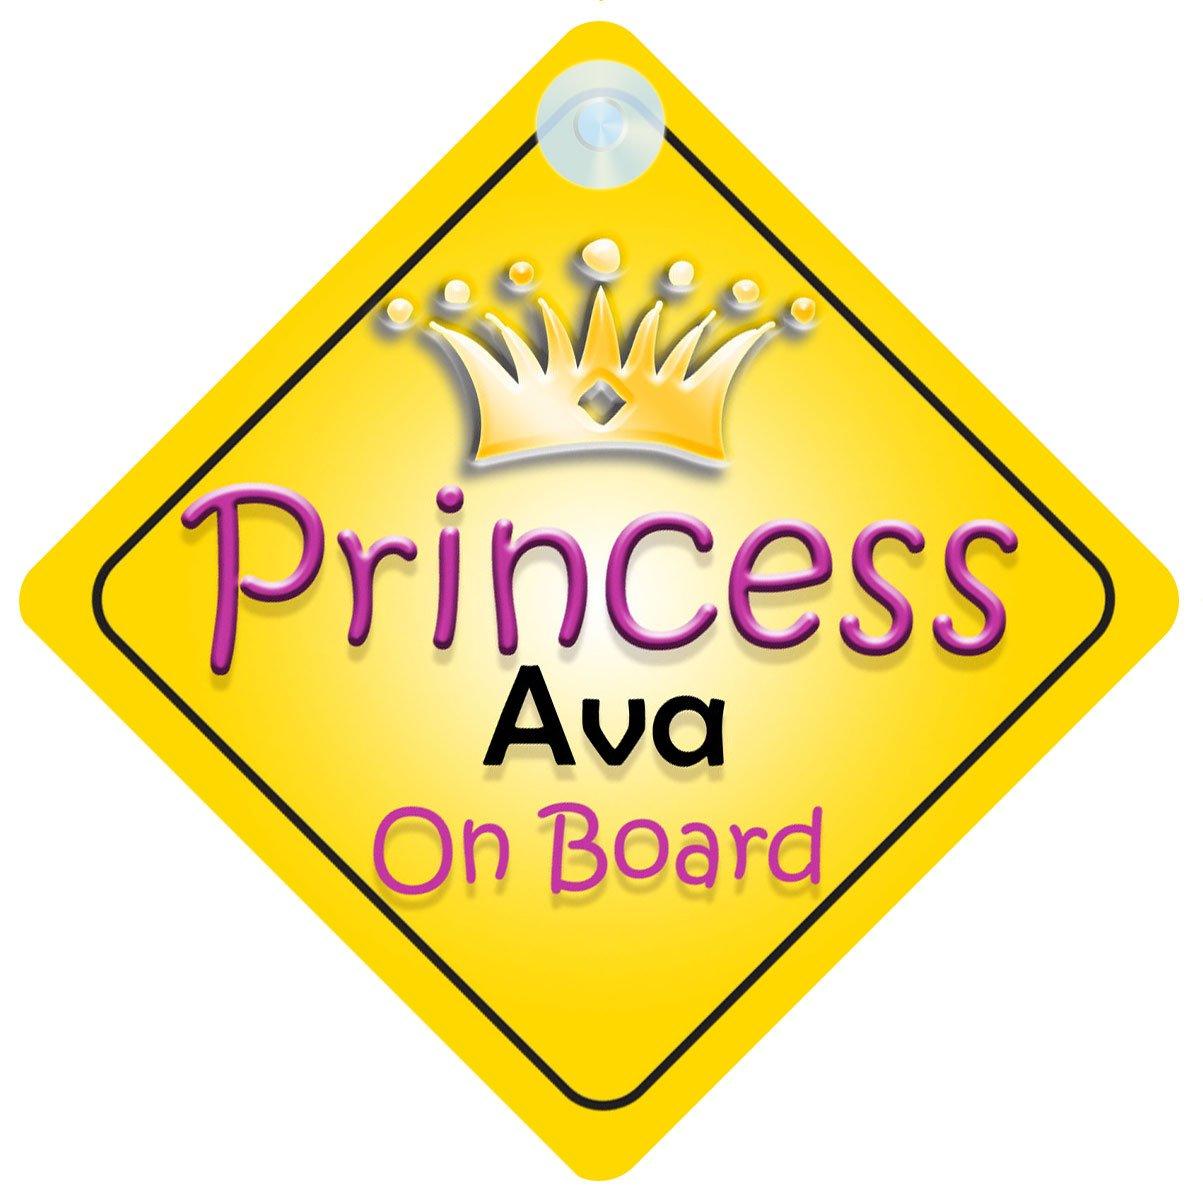 Princesse Ava on Board Panneau Voiture Fille/Enfant Cadeau Bé bé /Cadeau 002 mybabyonboard UK